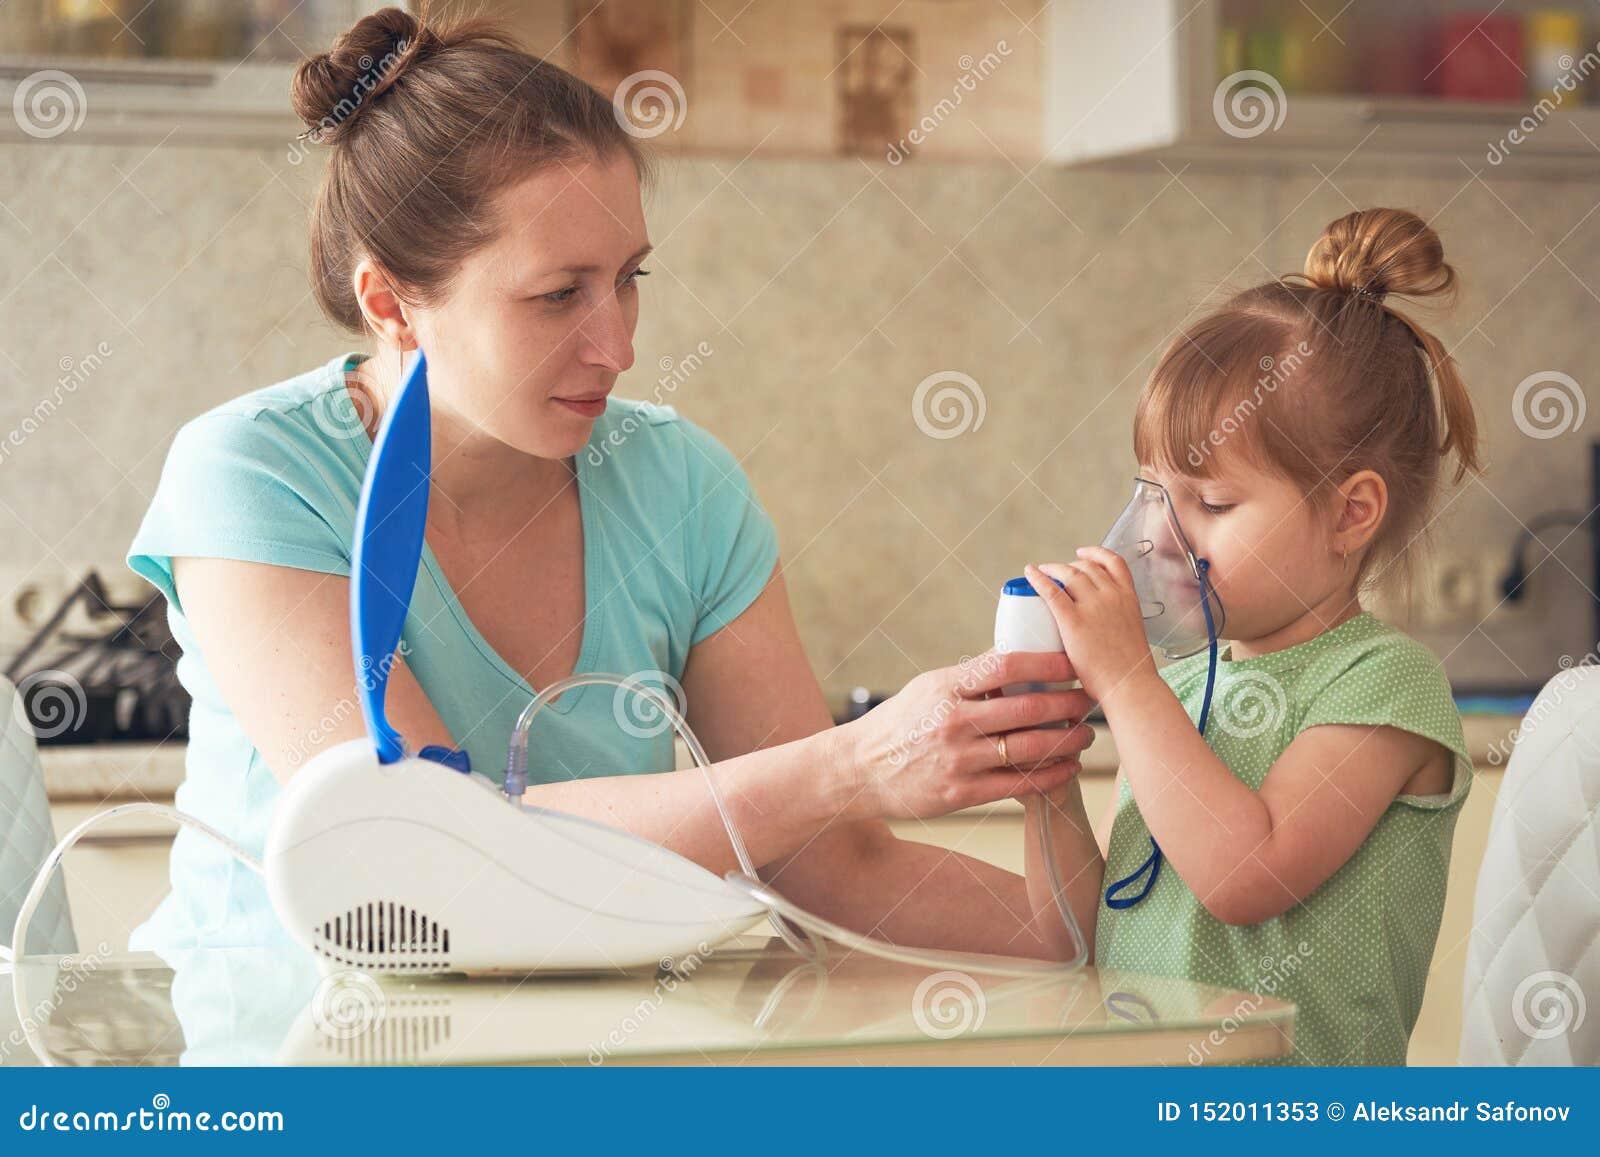 Kobieta robi inhalacji dziecko w domu przynosi nebulizer maskę jego twarz wdycha opary lekarstwo dziewczyna 2th lat confusedly